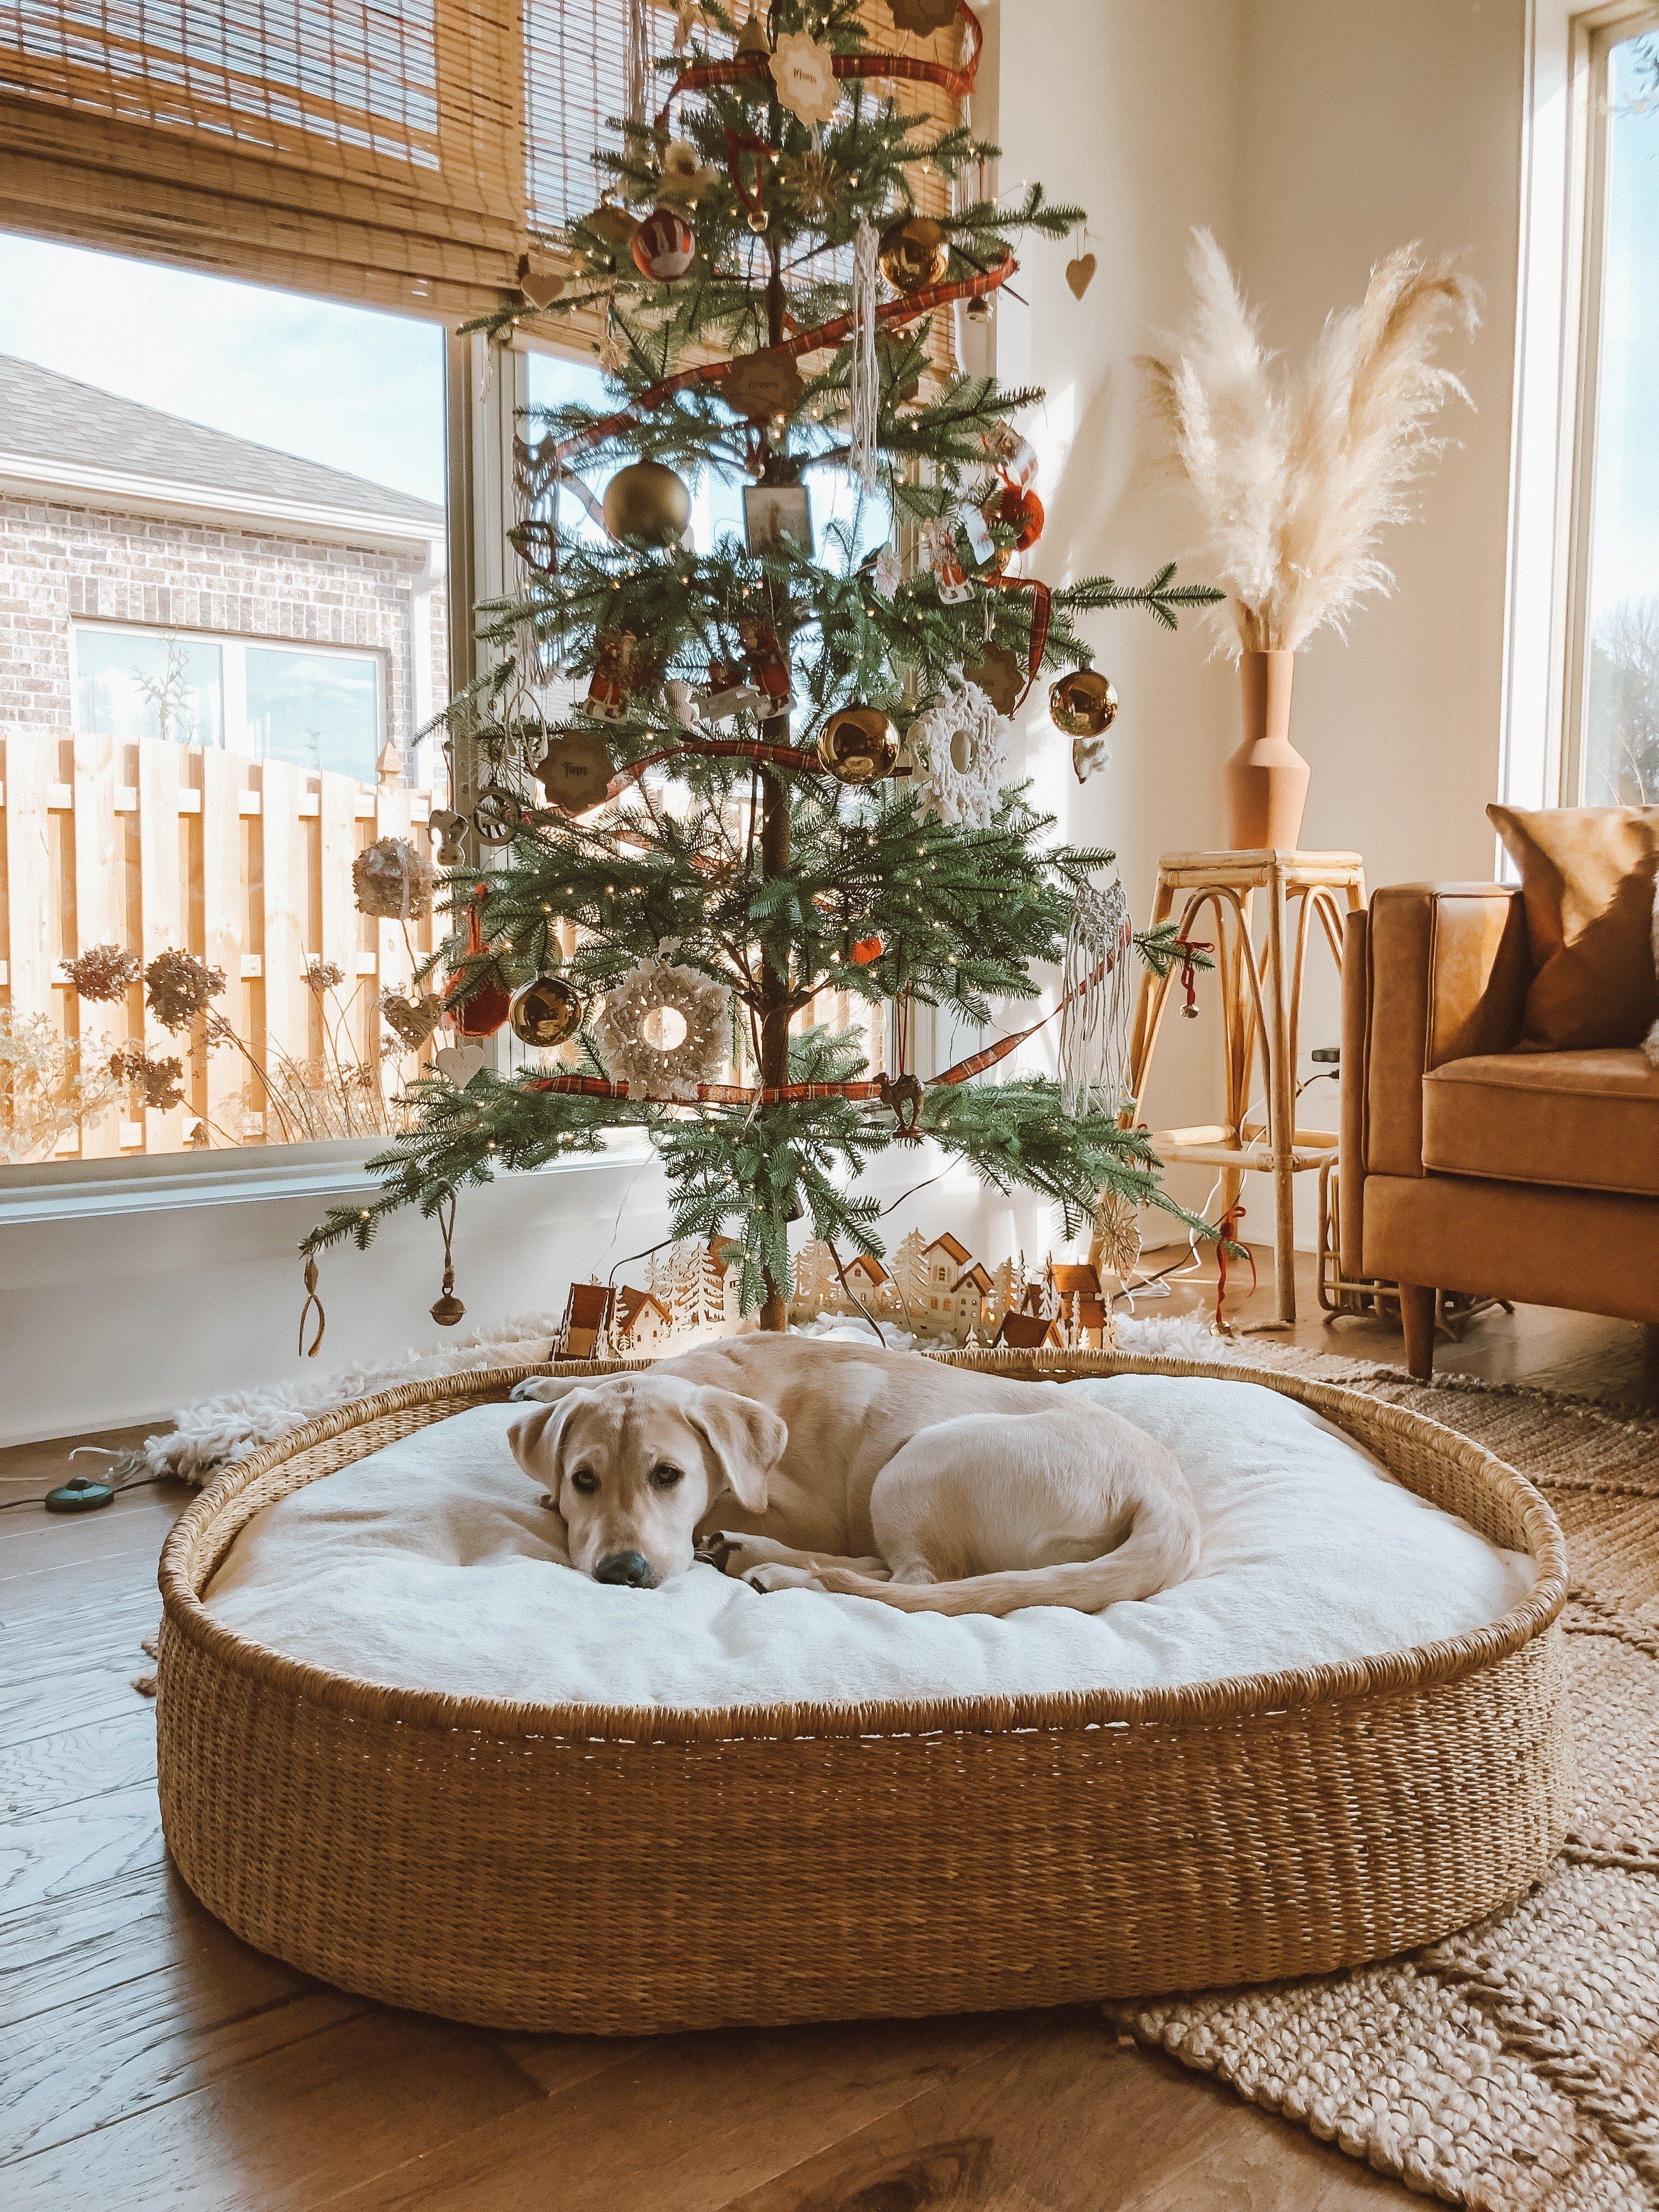 Design Dua in 2020 Dog bed, Basket dog bed, Kid room decor